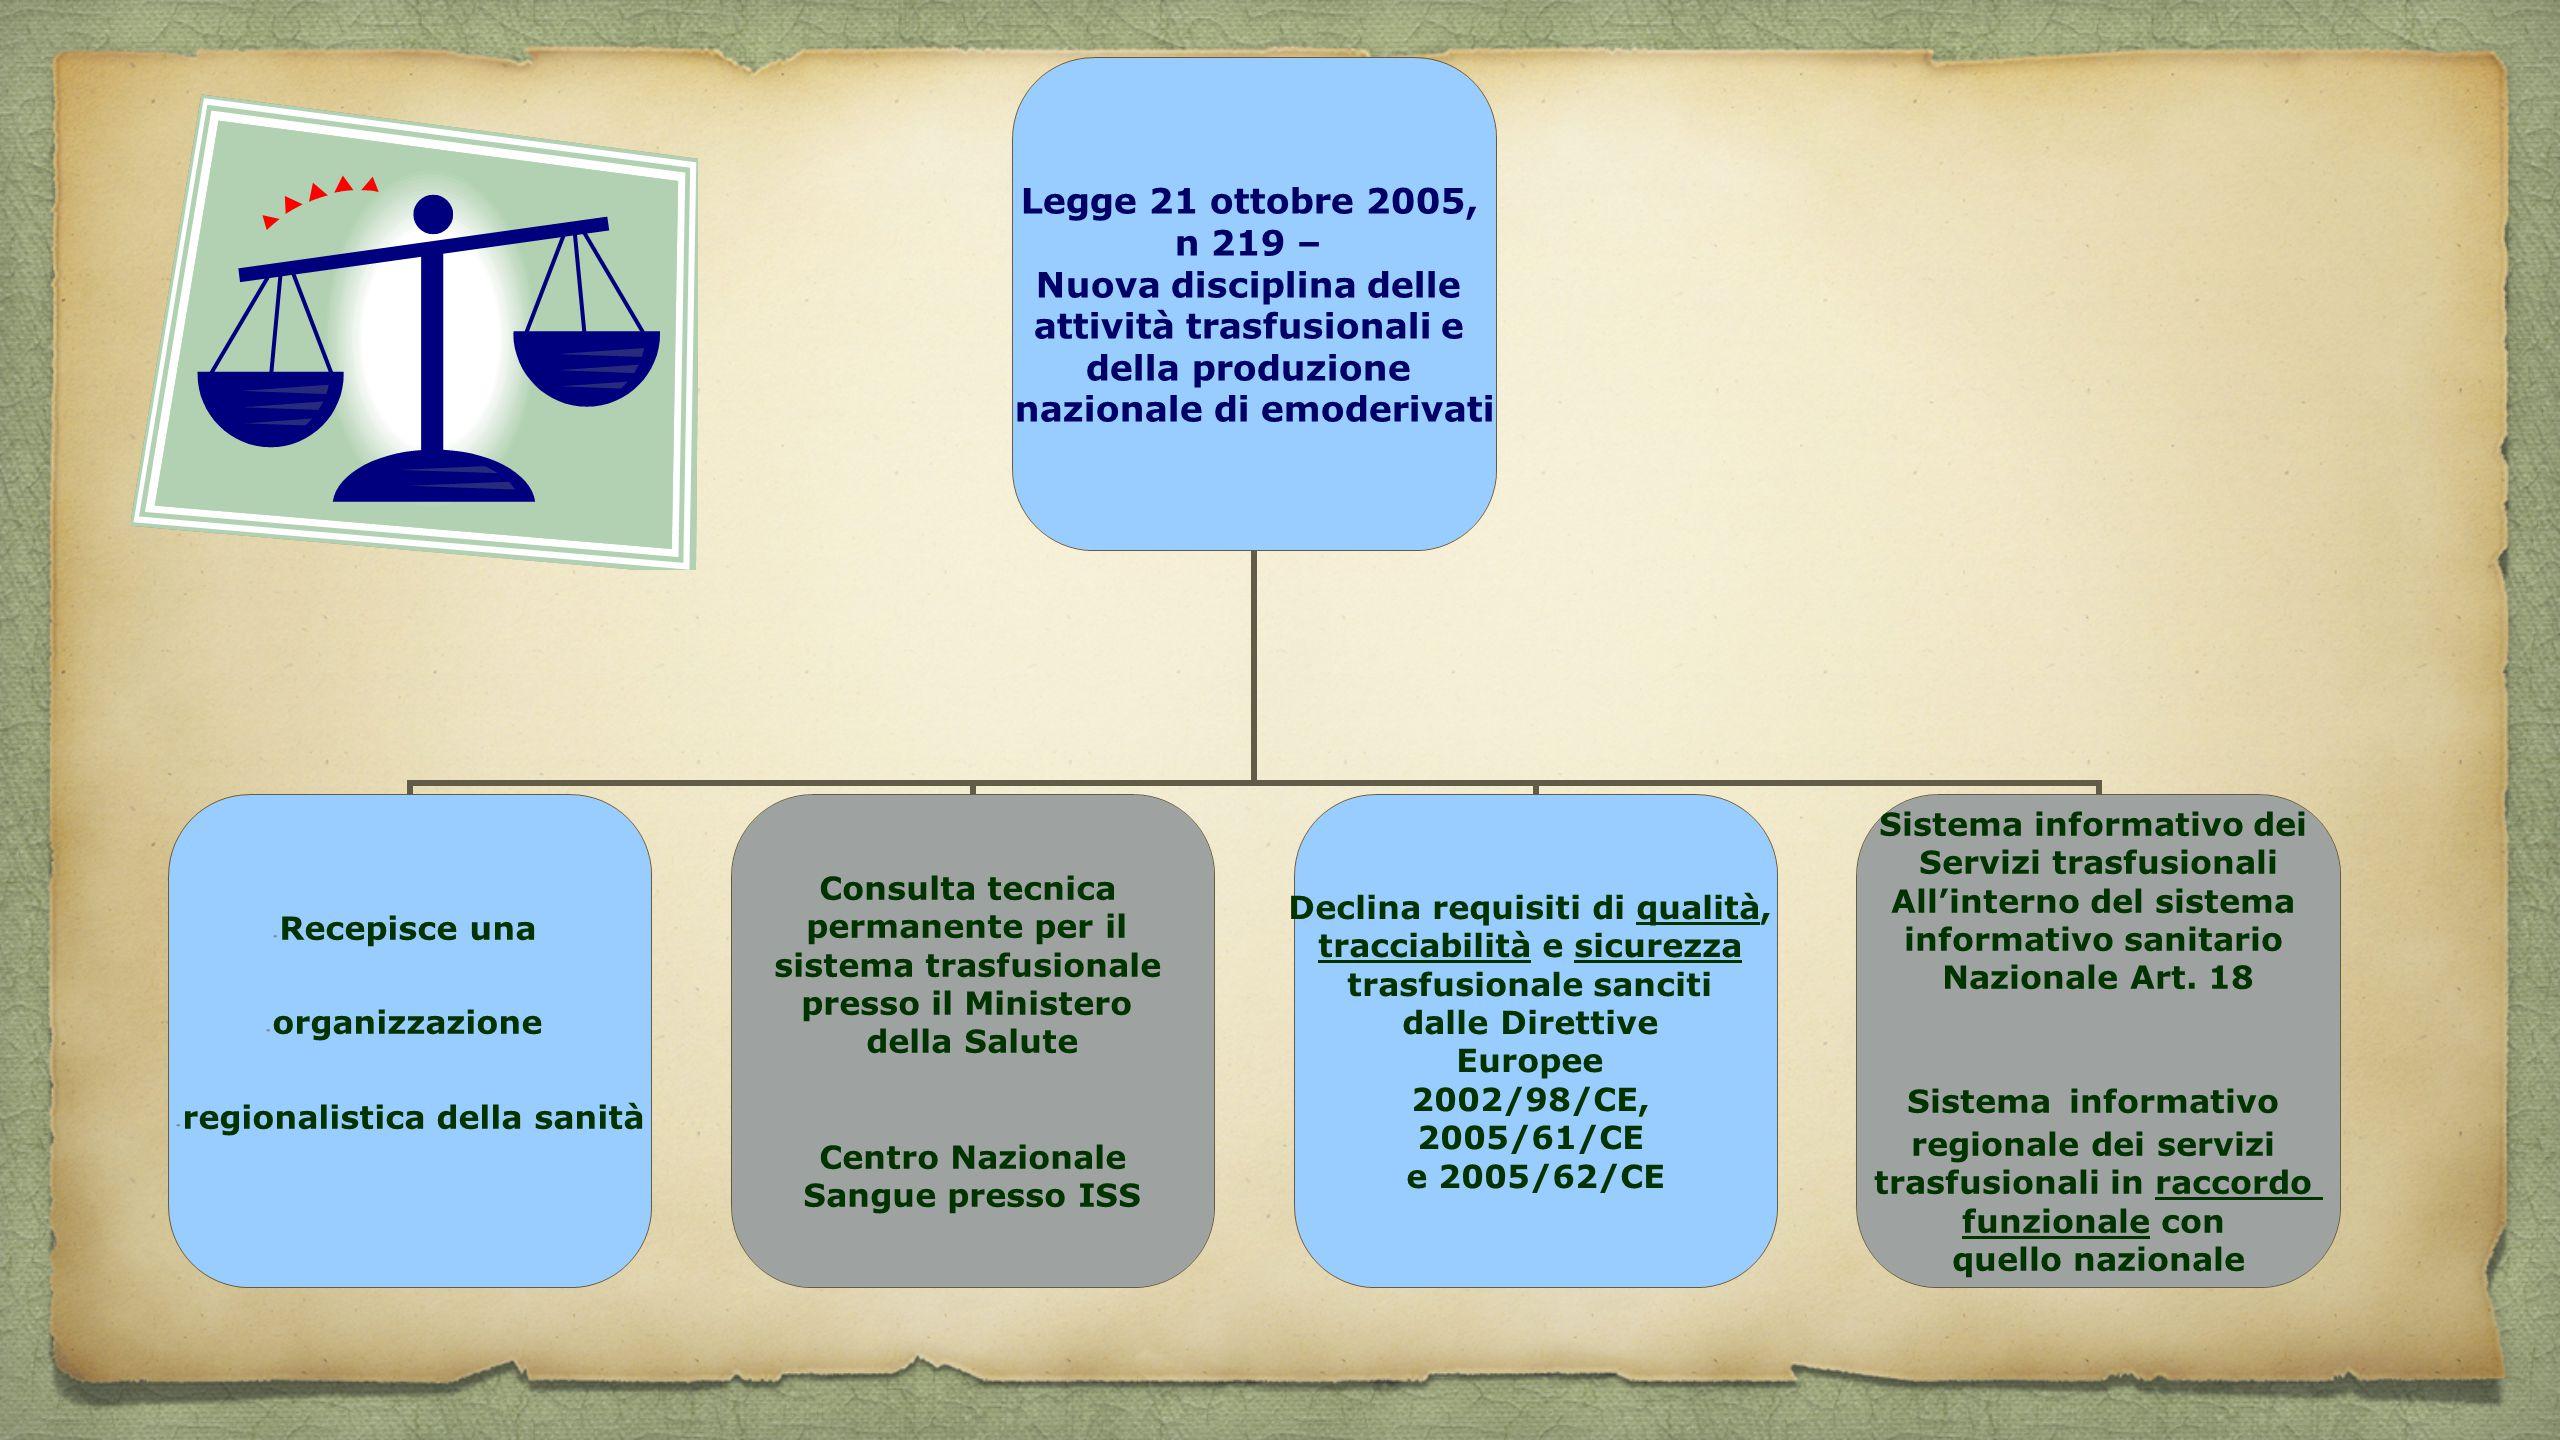 Legge 21 ottobre 2005, n 219 – Nuova disciplina delle attività trasfusionali e della produzione nazionale di emoderivati Recepisce una organizzazione